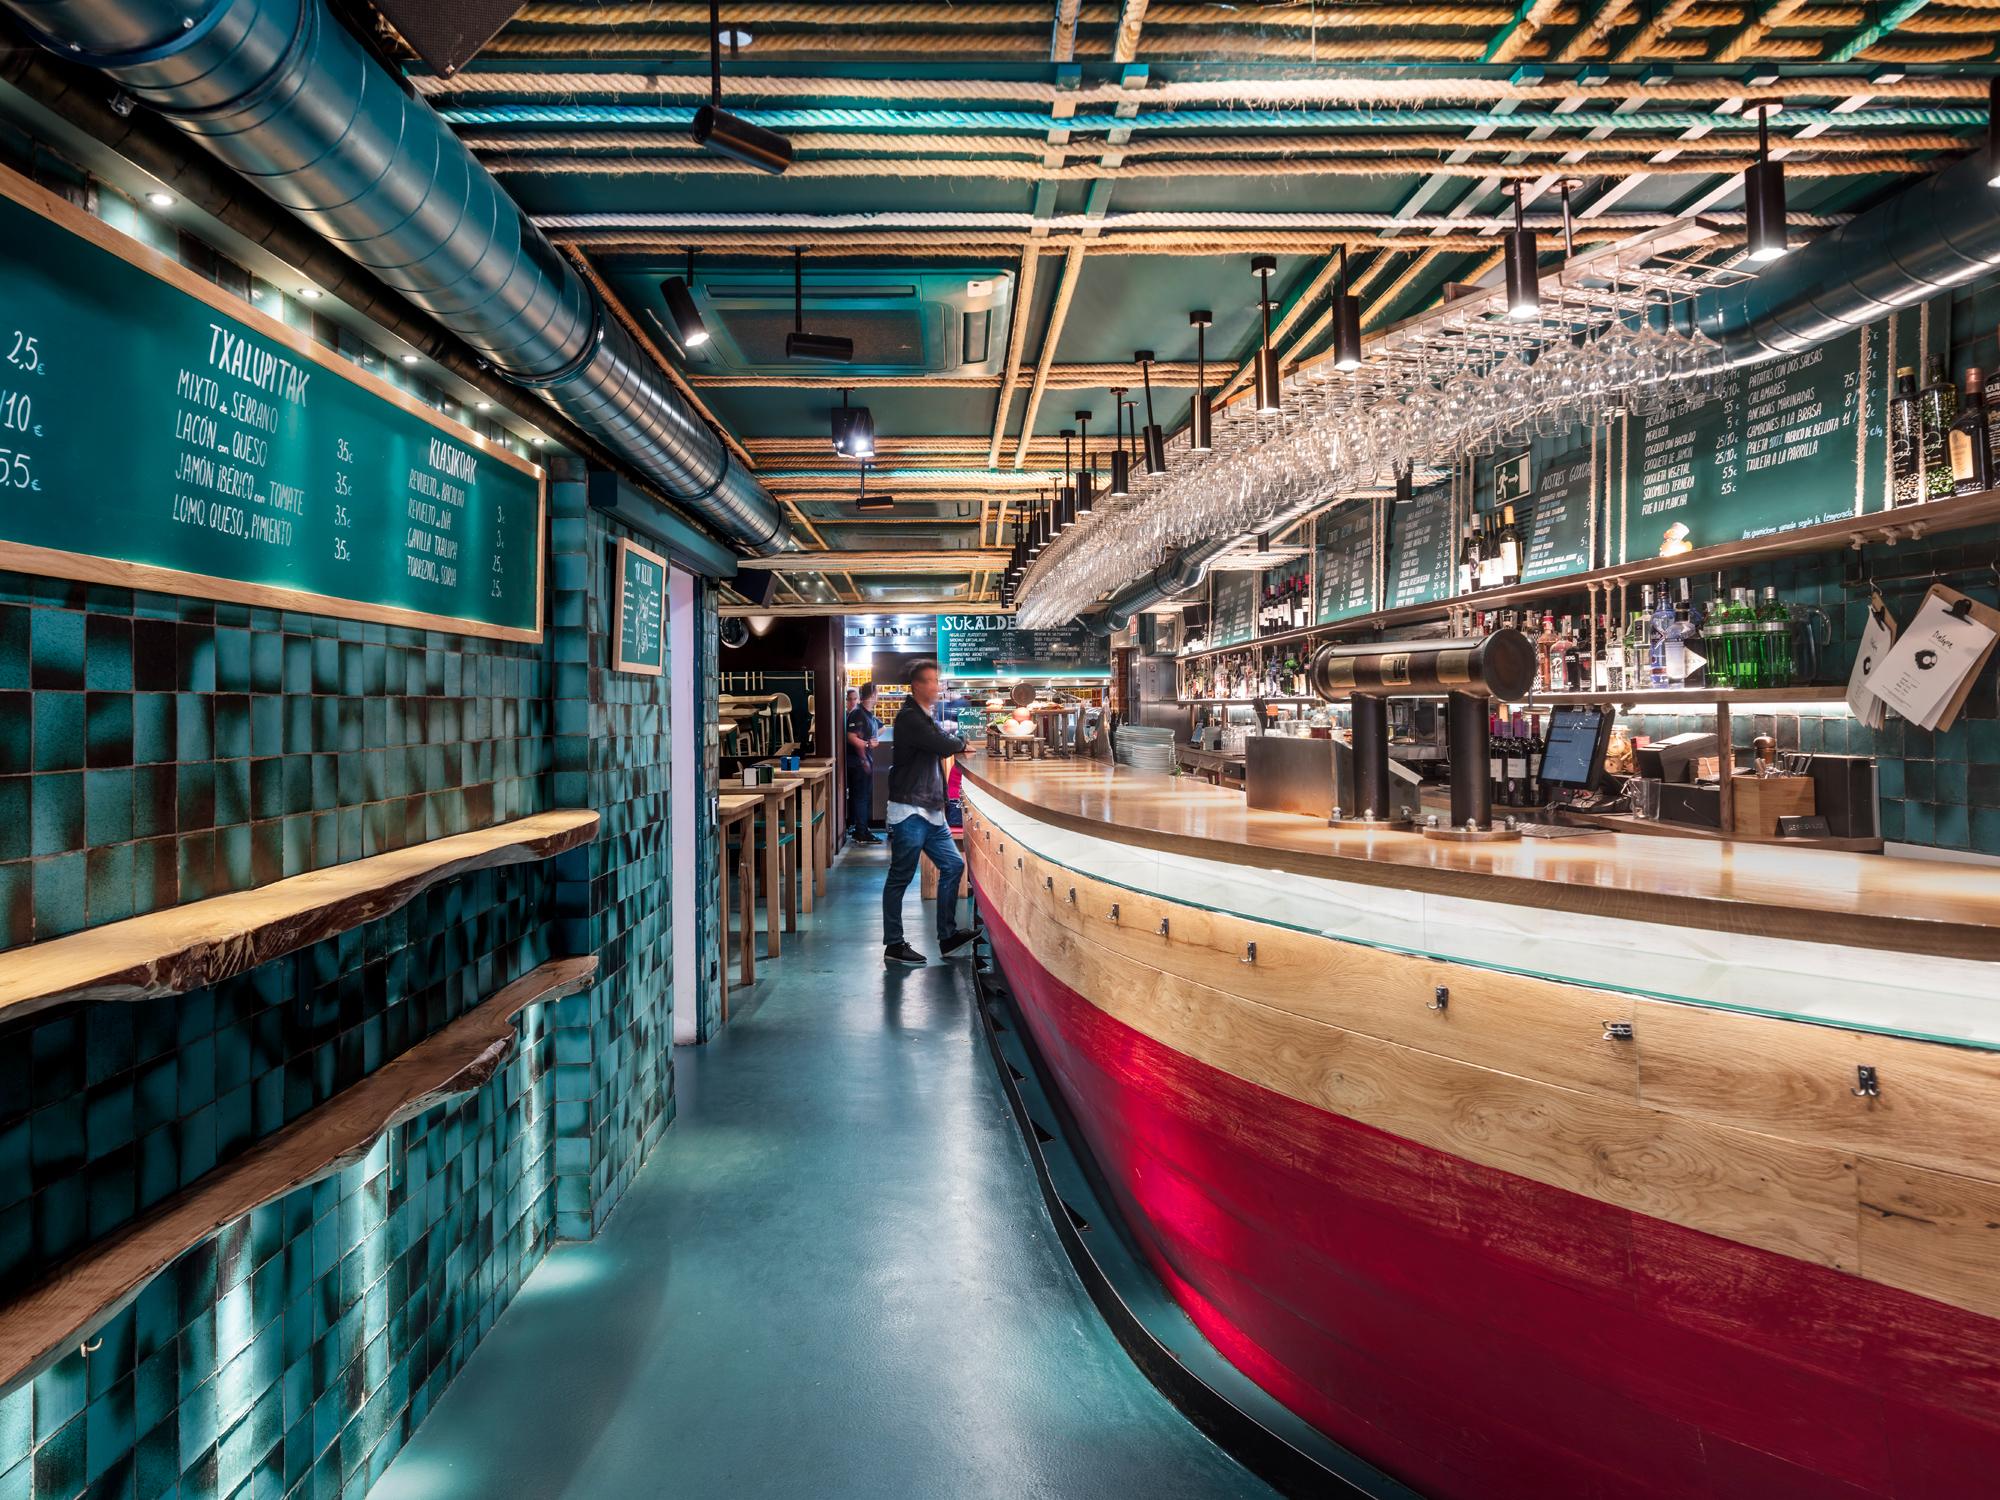 """Dergroße Tresen zieht sich vom Eingangsbereich über die gesamte Länge des Erdgeschosses. Seine Form entspricht einem halbierten Schiffsrumpf, dessen """"hölzerne Planken"""" mit einer leuchtend roten Schutzfarbe überzogen sind."""